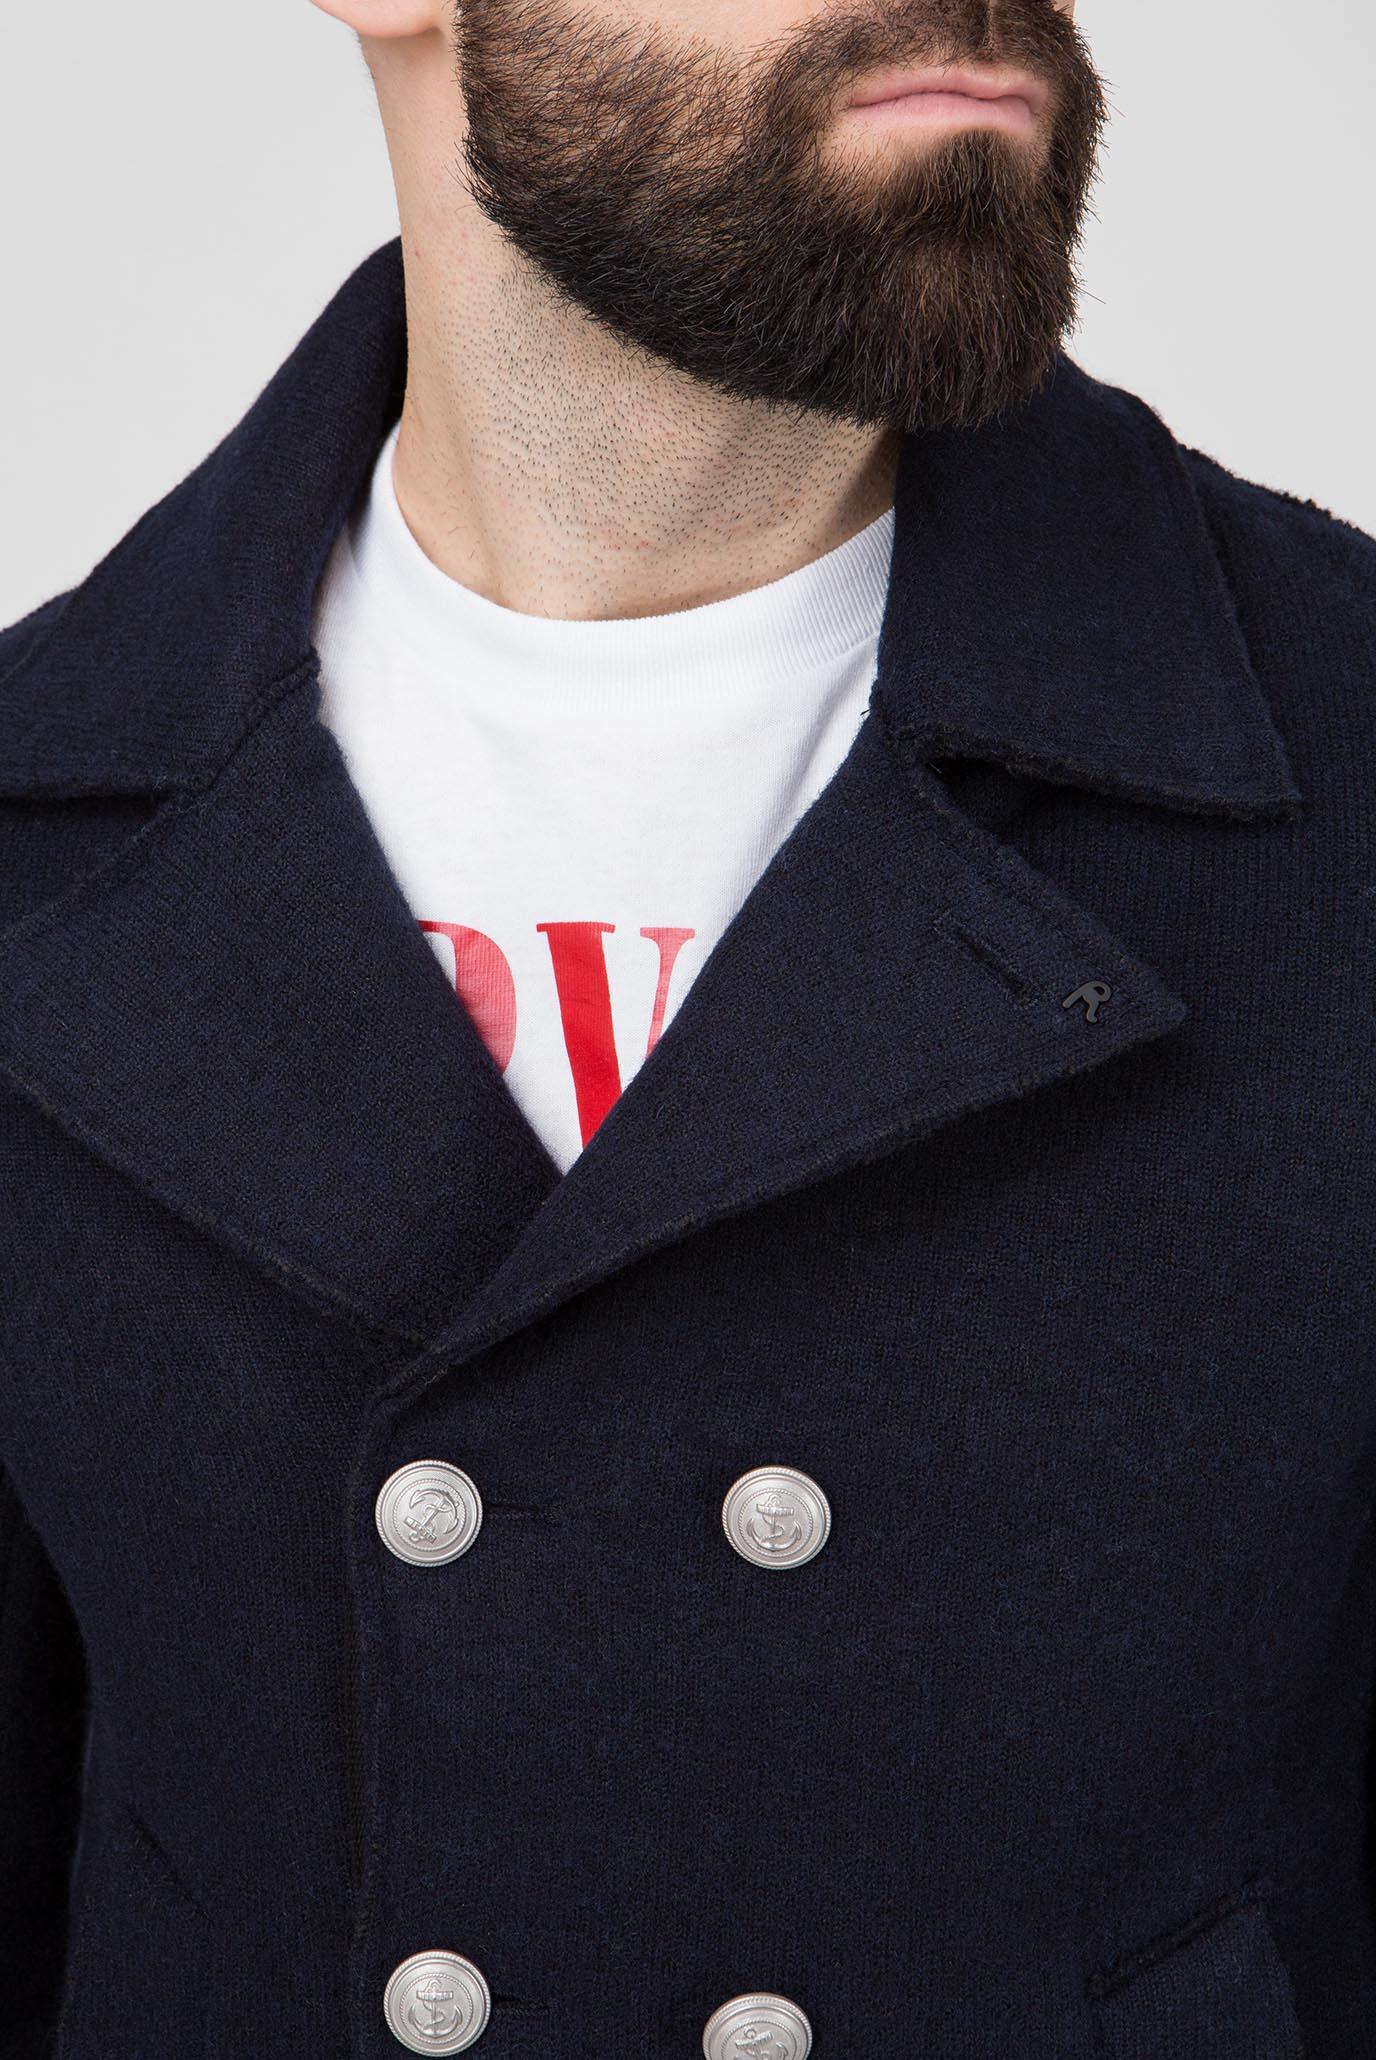 Купить Мужское темно-синее шерстяное пальто Replay Replay M8879A.000.82868B – Киев, Украина. Цены в интернет магазине MD Fashion